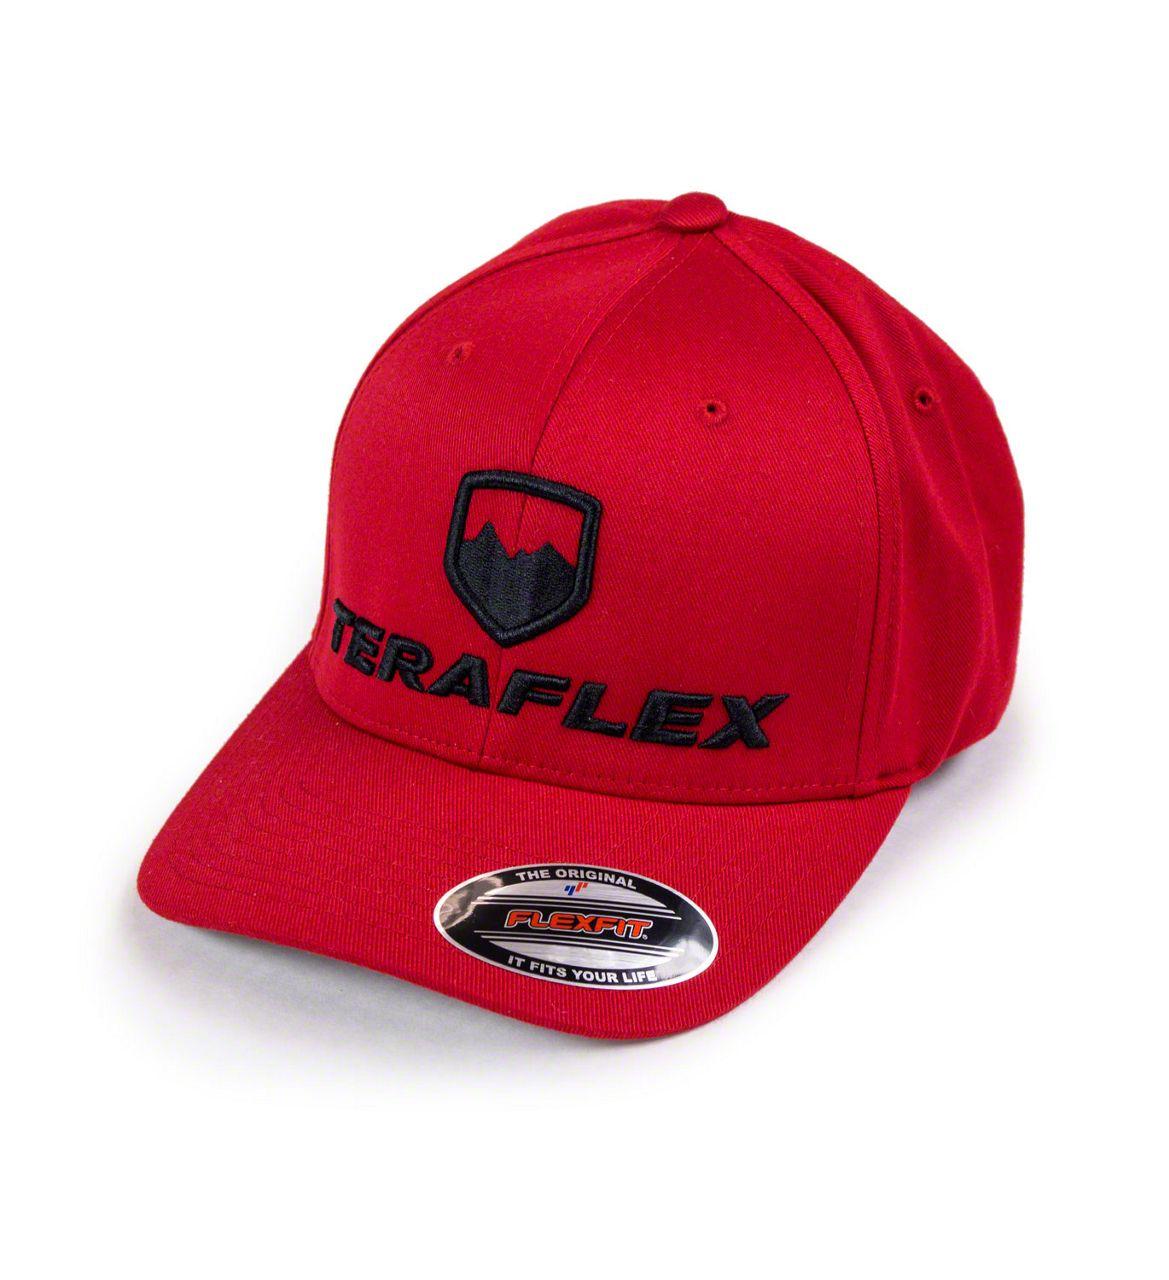 Teraflex Premium FlexFit Hat - Red